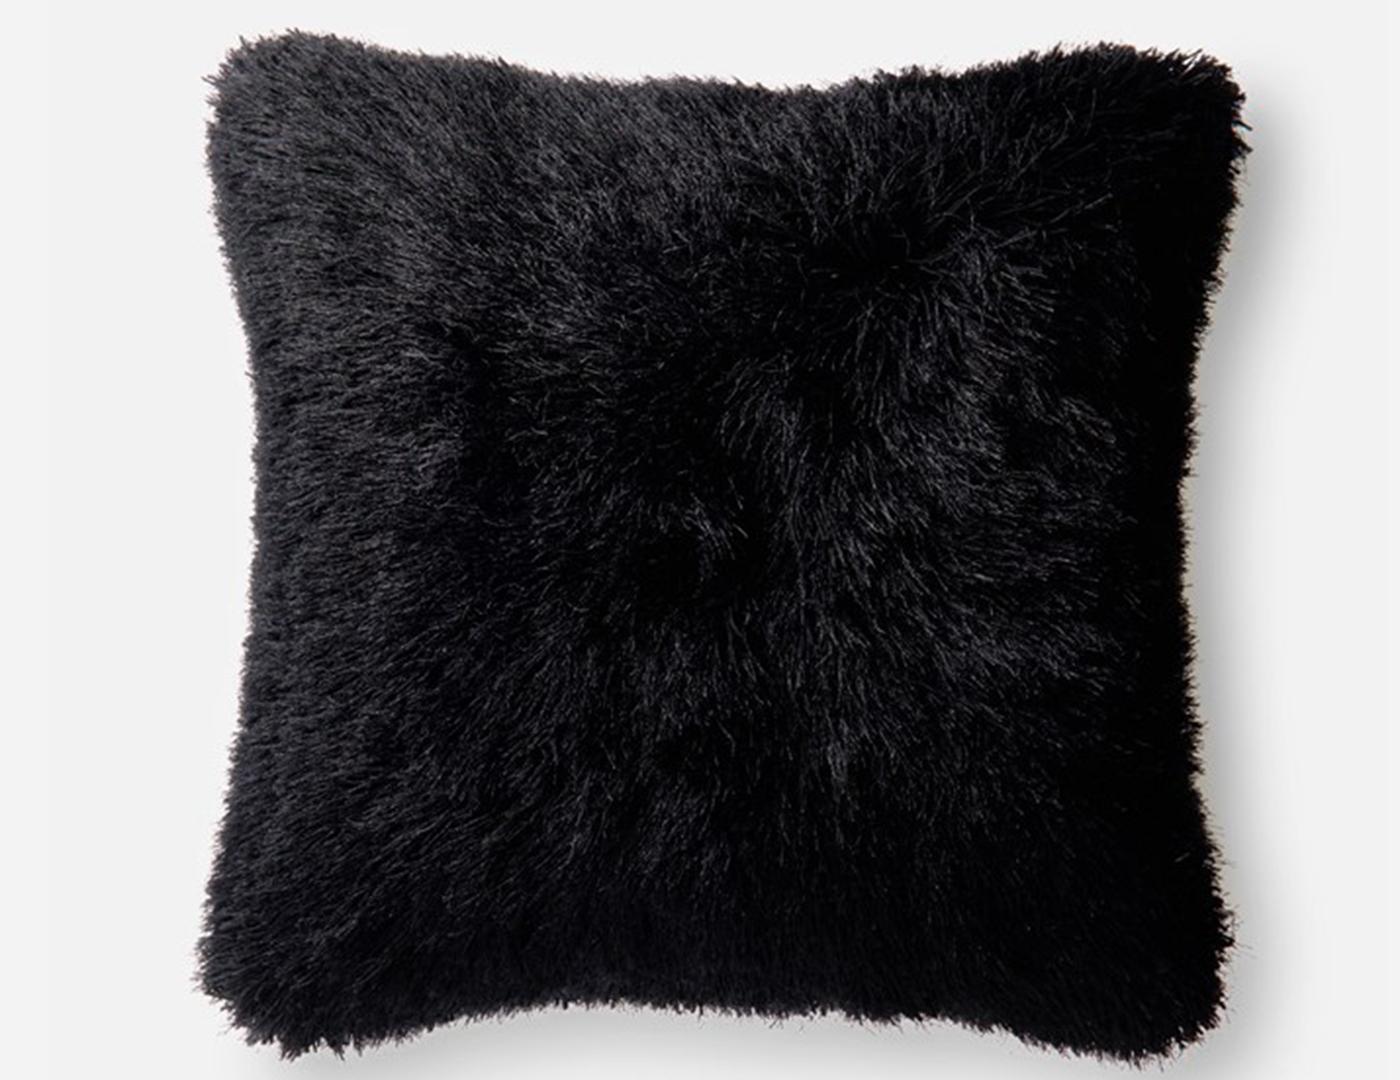 Steinhafels Decor Amp Accents Pillows